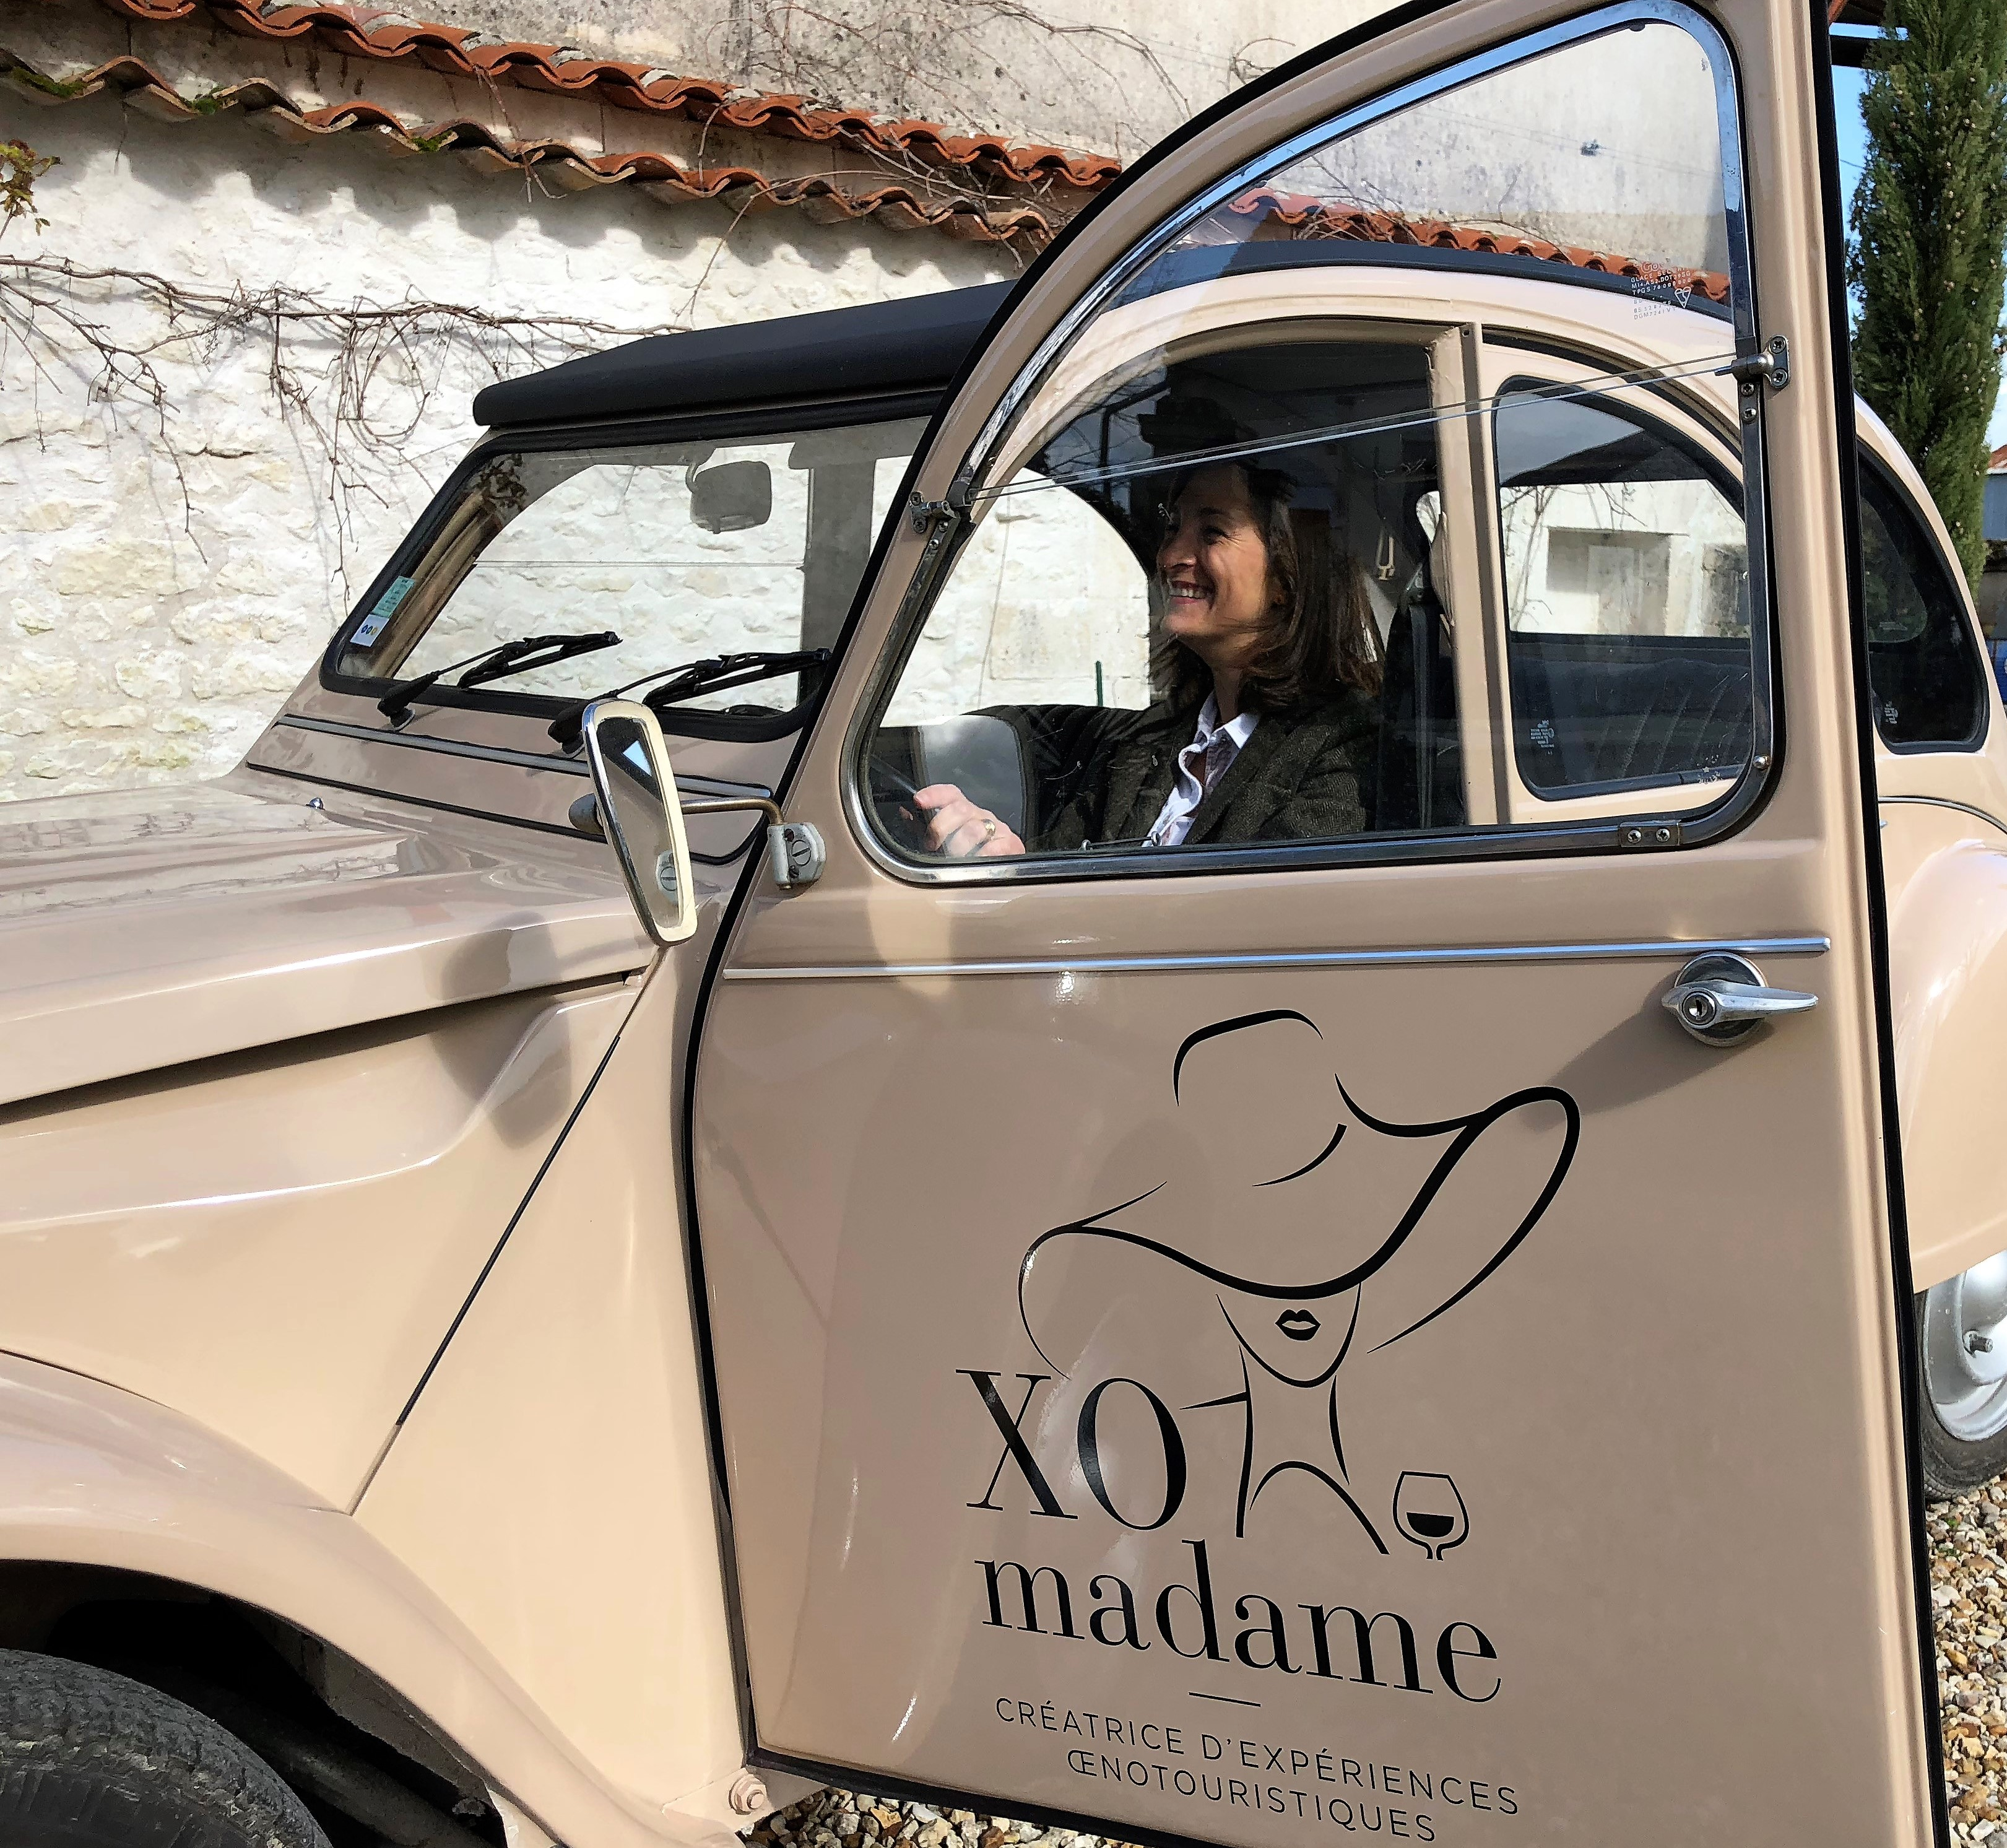 livingincognac XO Madame